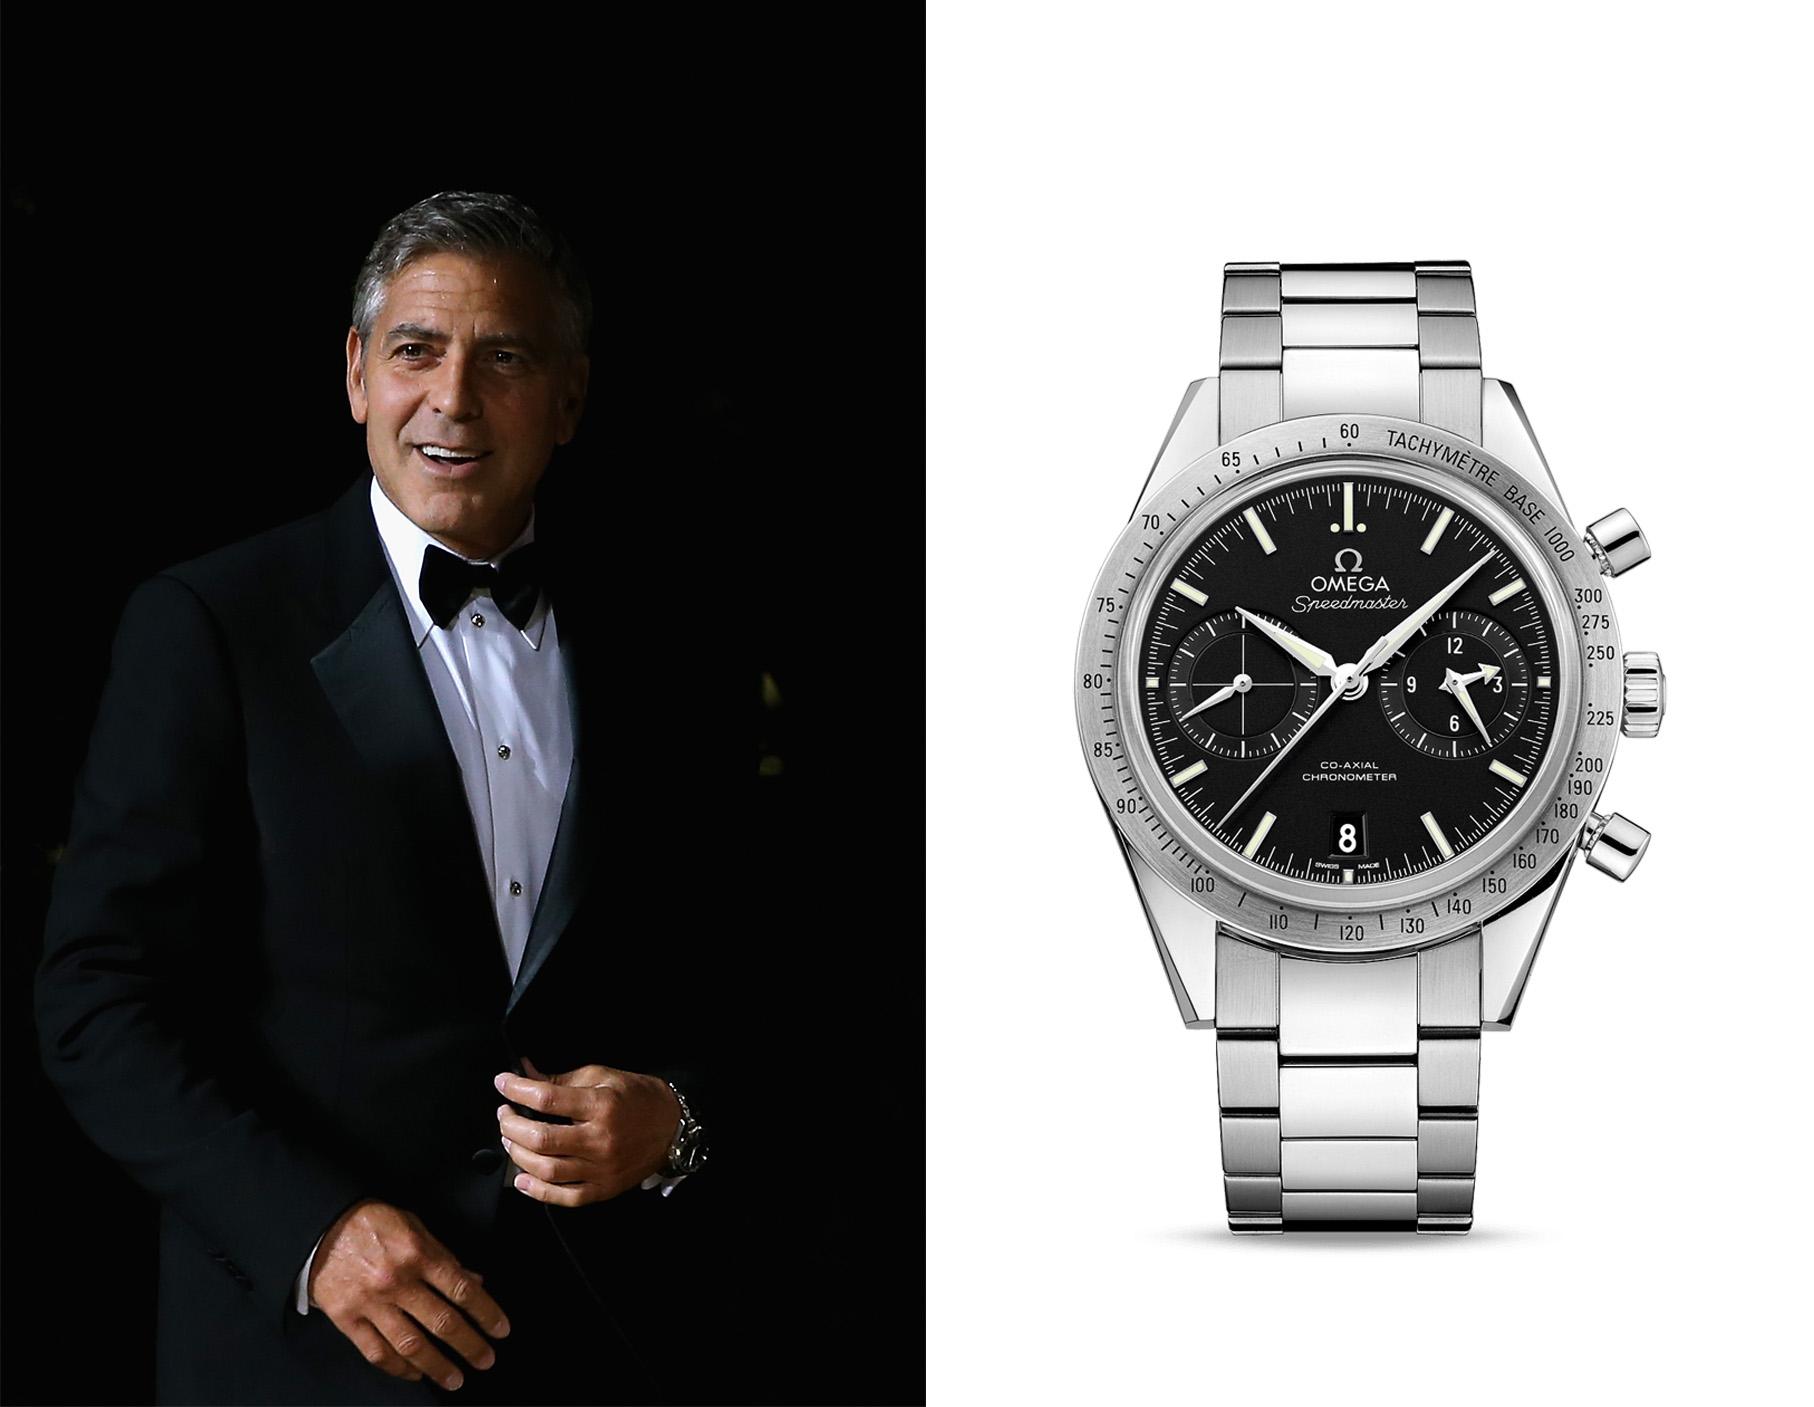 Relojes de deportistas y celebrities